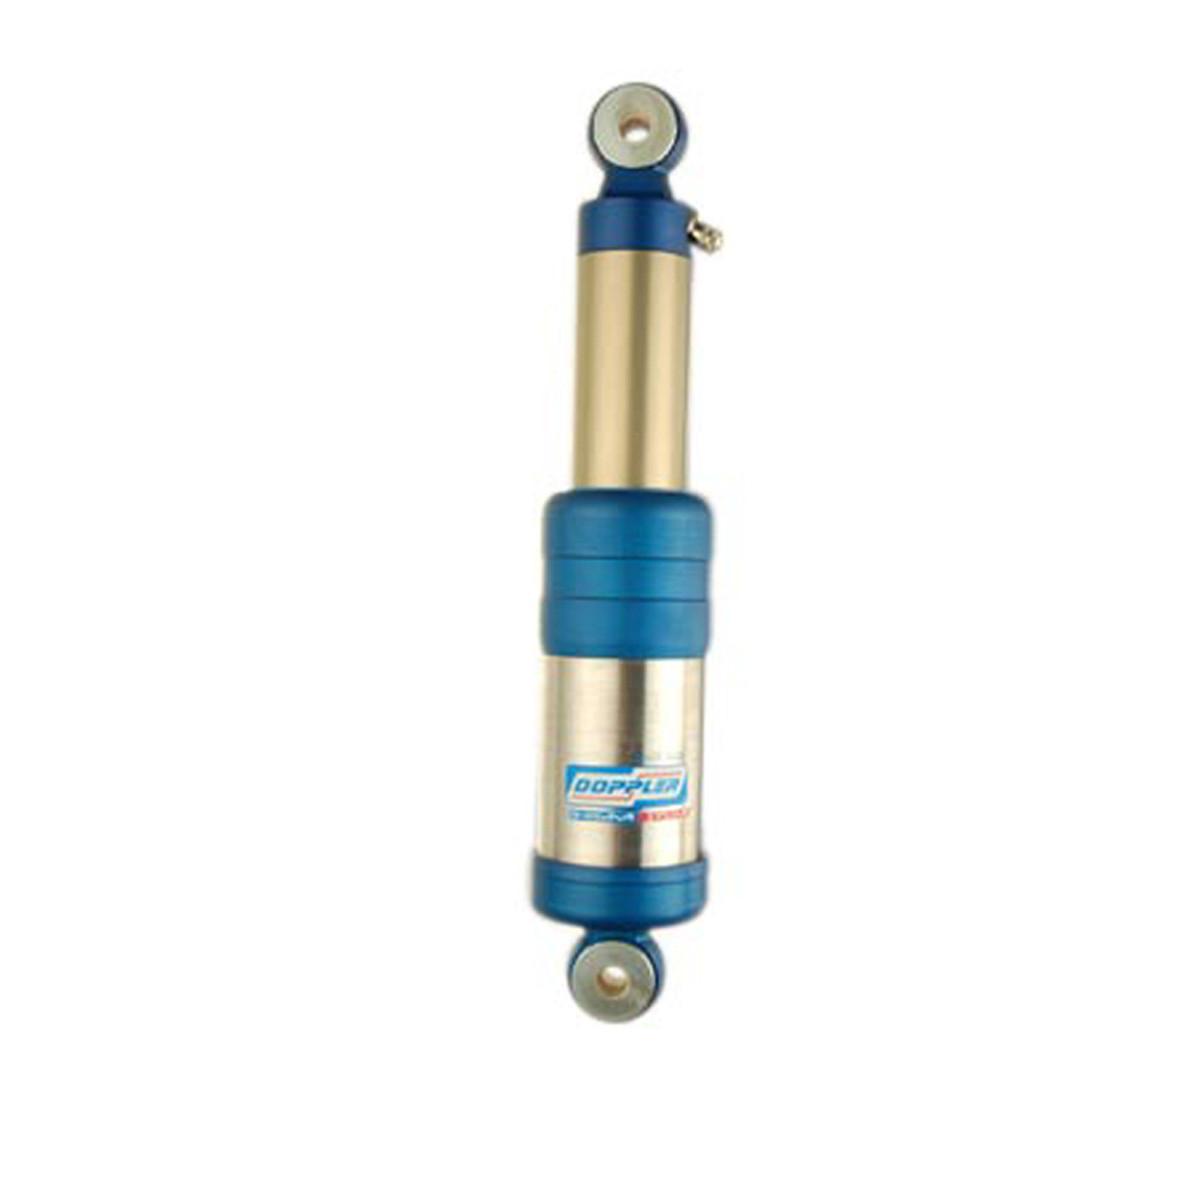 Amortisseur Oléopneumatique PEUGEOT XP6, XP7 285mm - DOPPLER